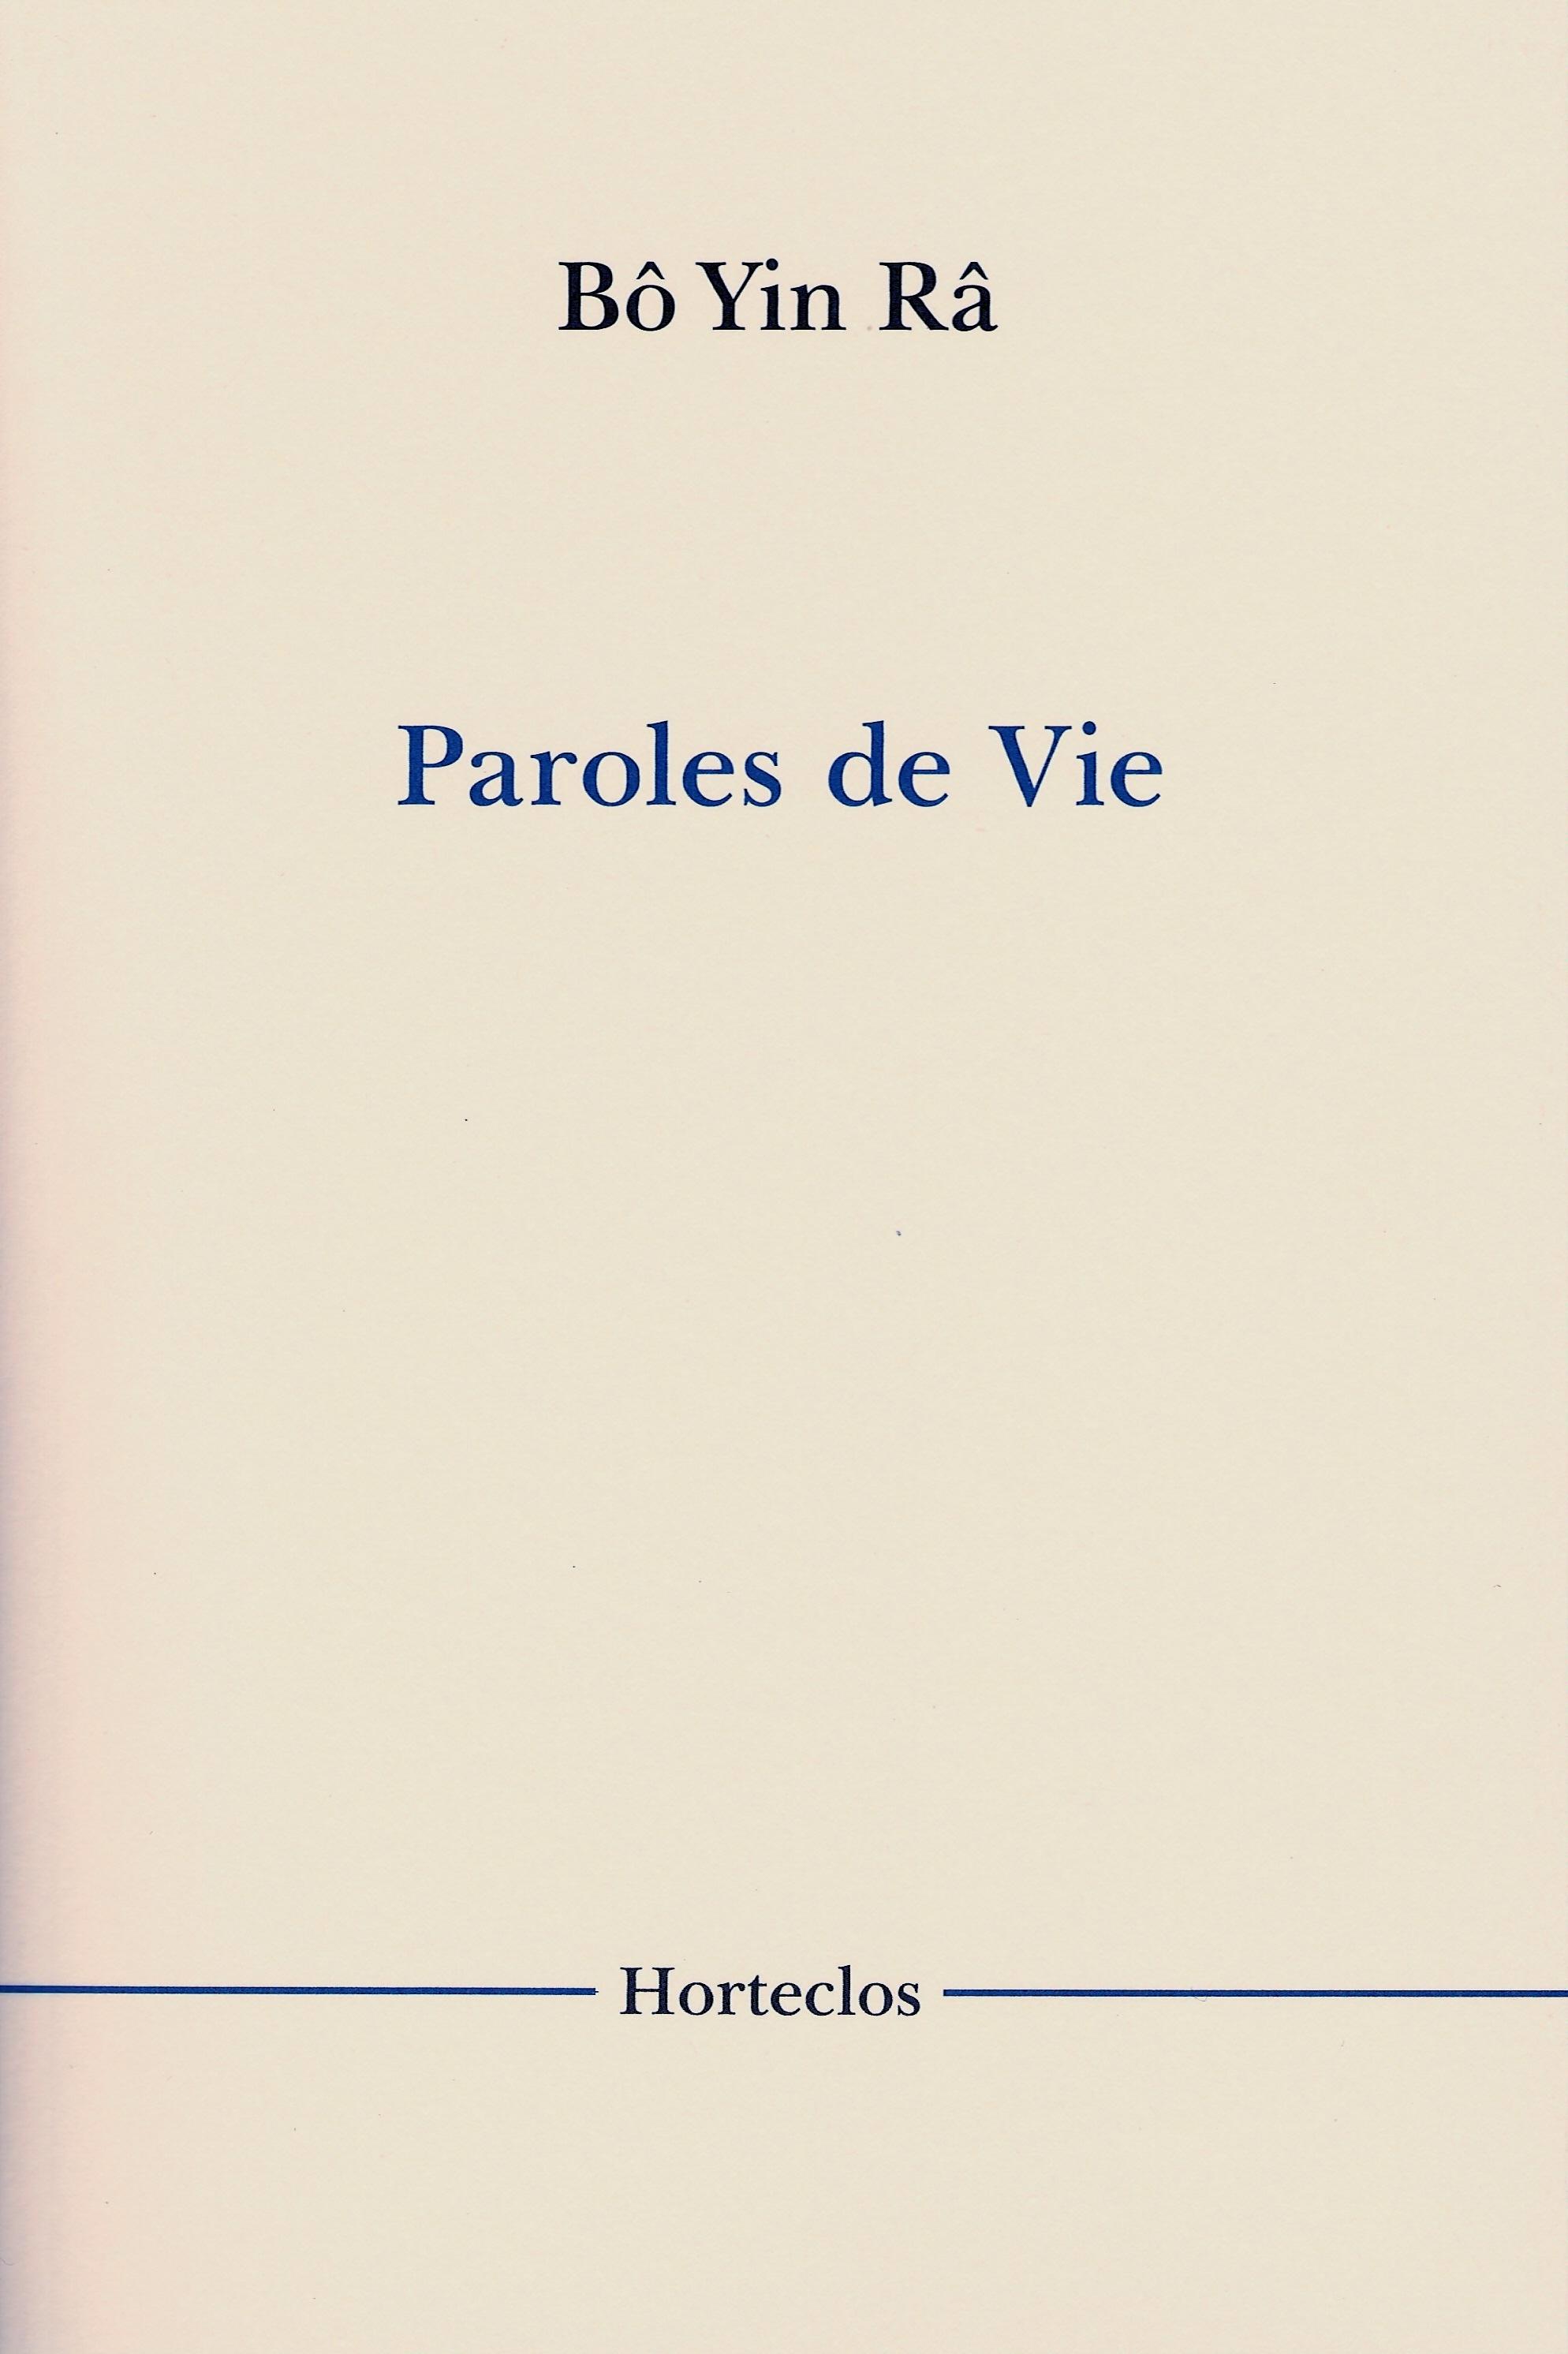 PAROLES DE VIE